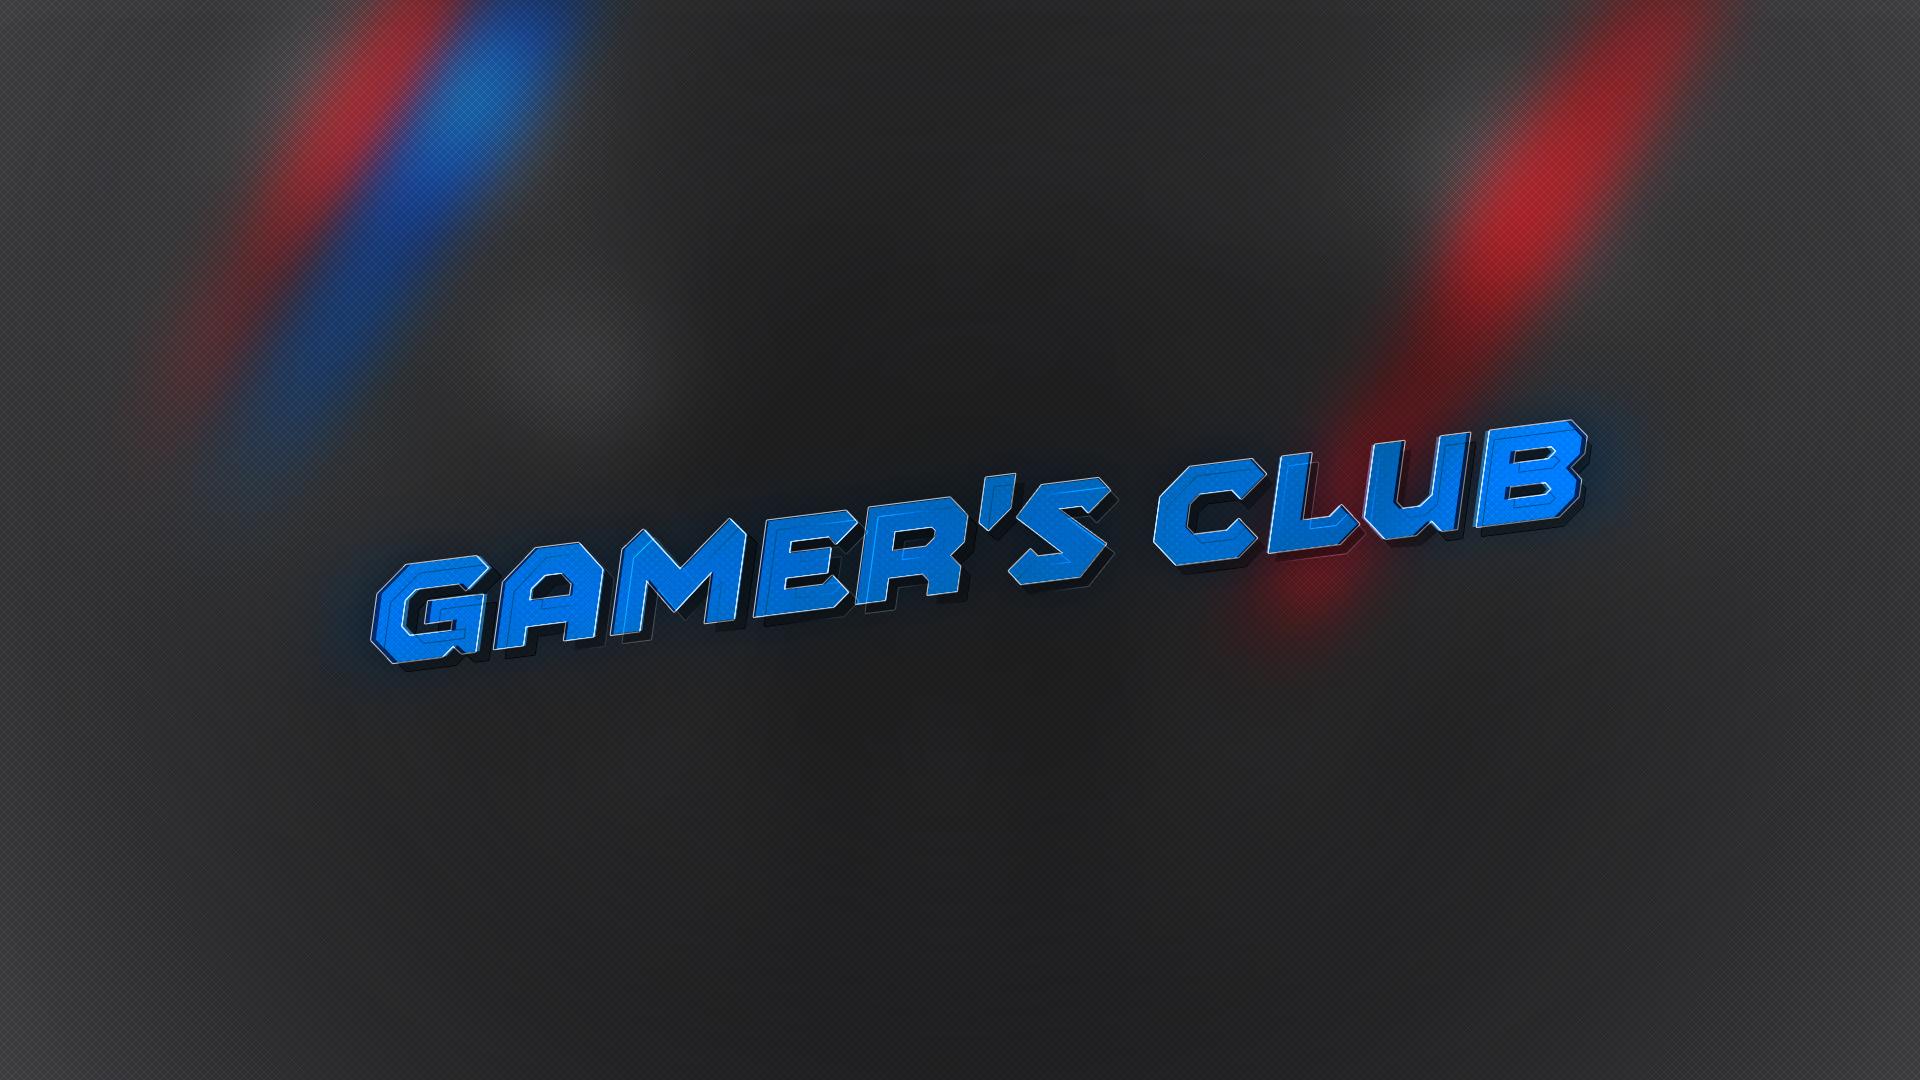 Gamer's Club - подкаст, героем которого может стать любой желающий - Изображение 1